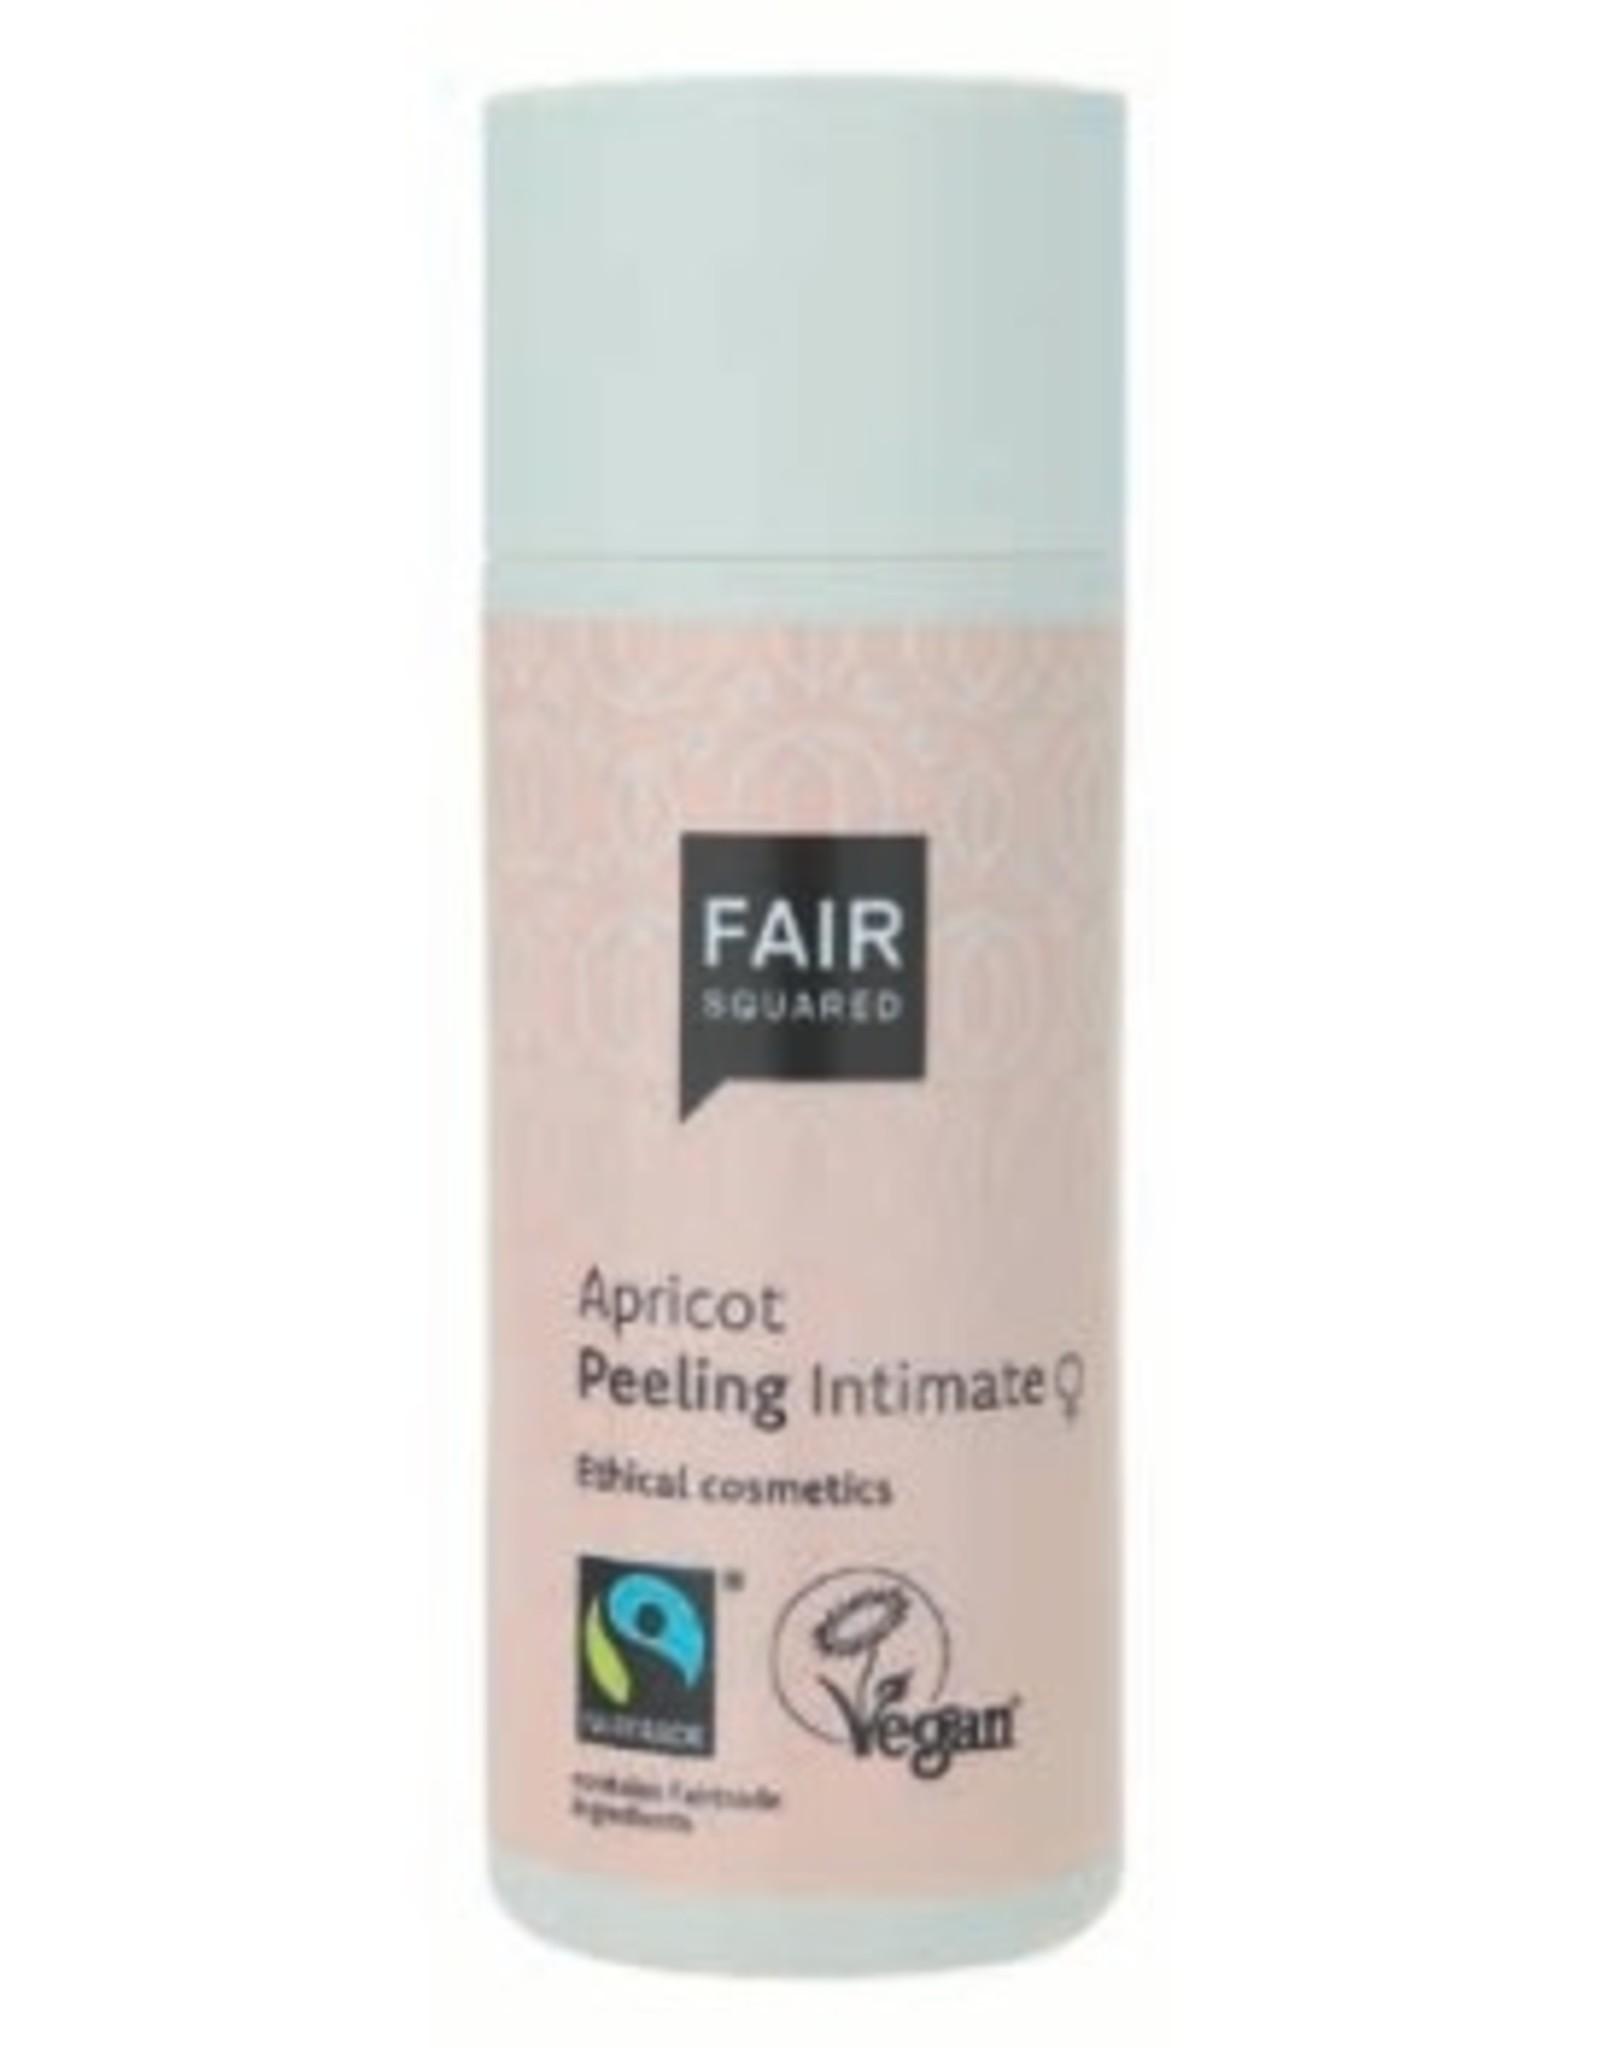 FairSquared FairSquared - Intimate Peeling Apricot 150 ml